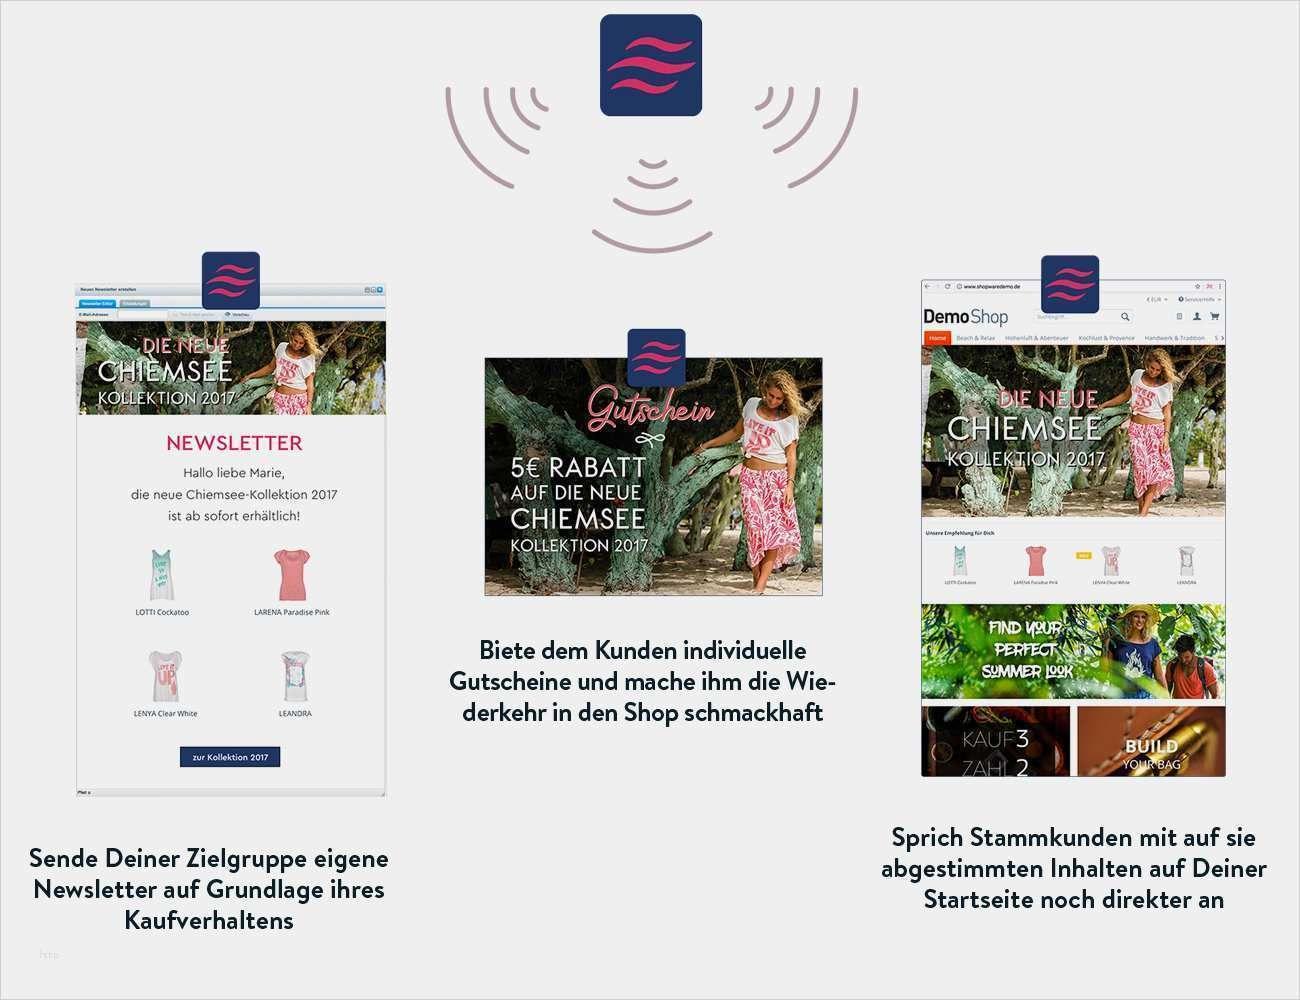 39 Schonste Shopware Einkaufswelten Vorlagen Bilder In 2020 Einkaufen Vorlagen Flyer Vorlage